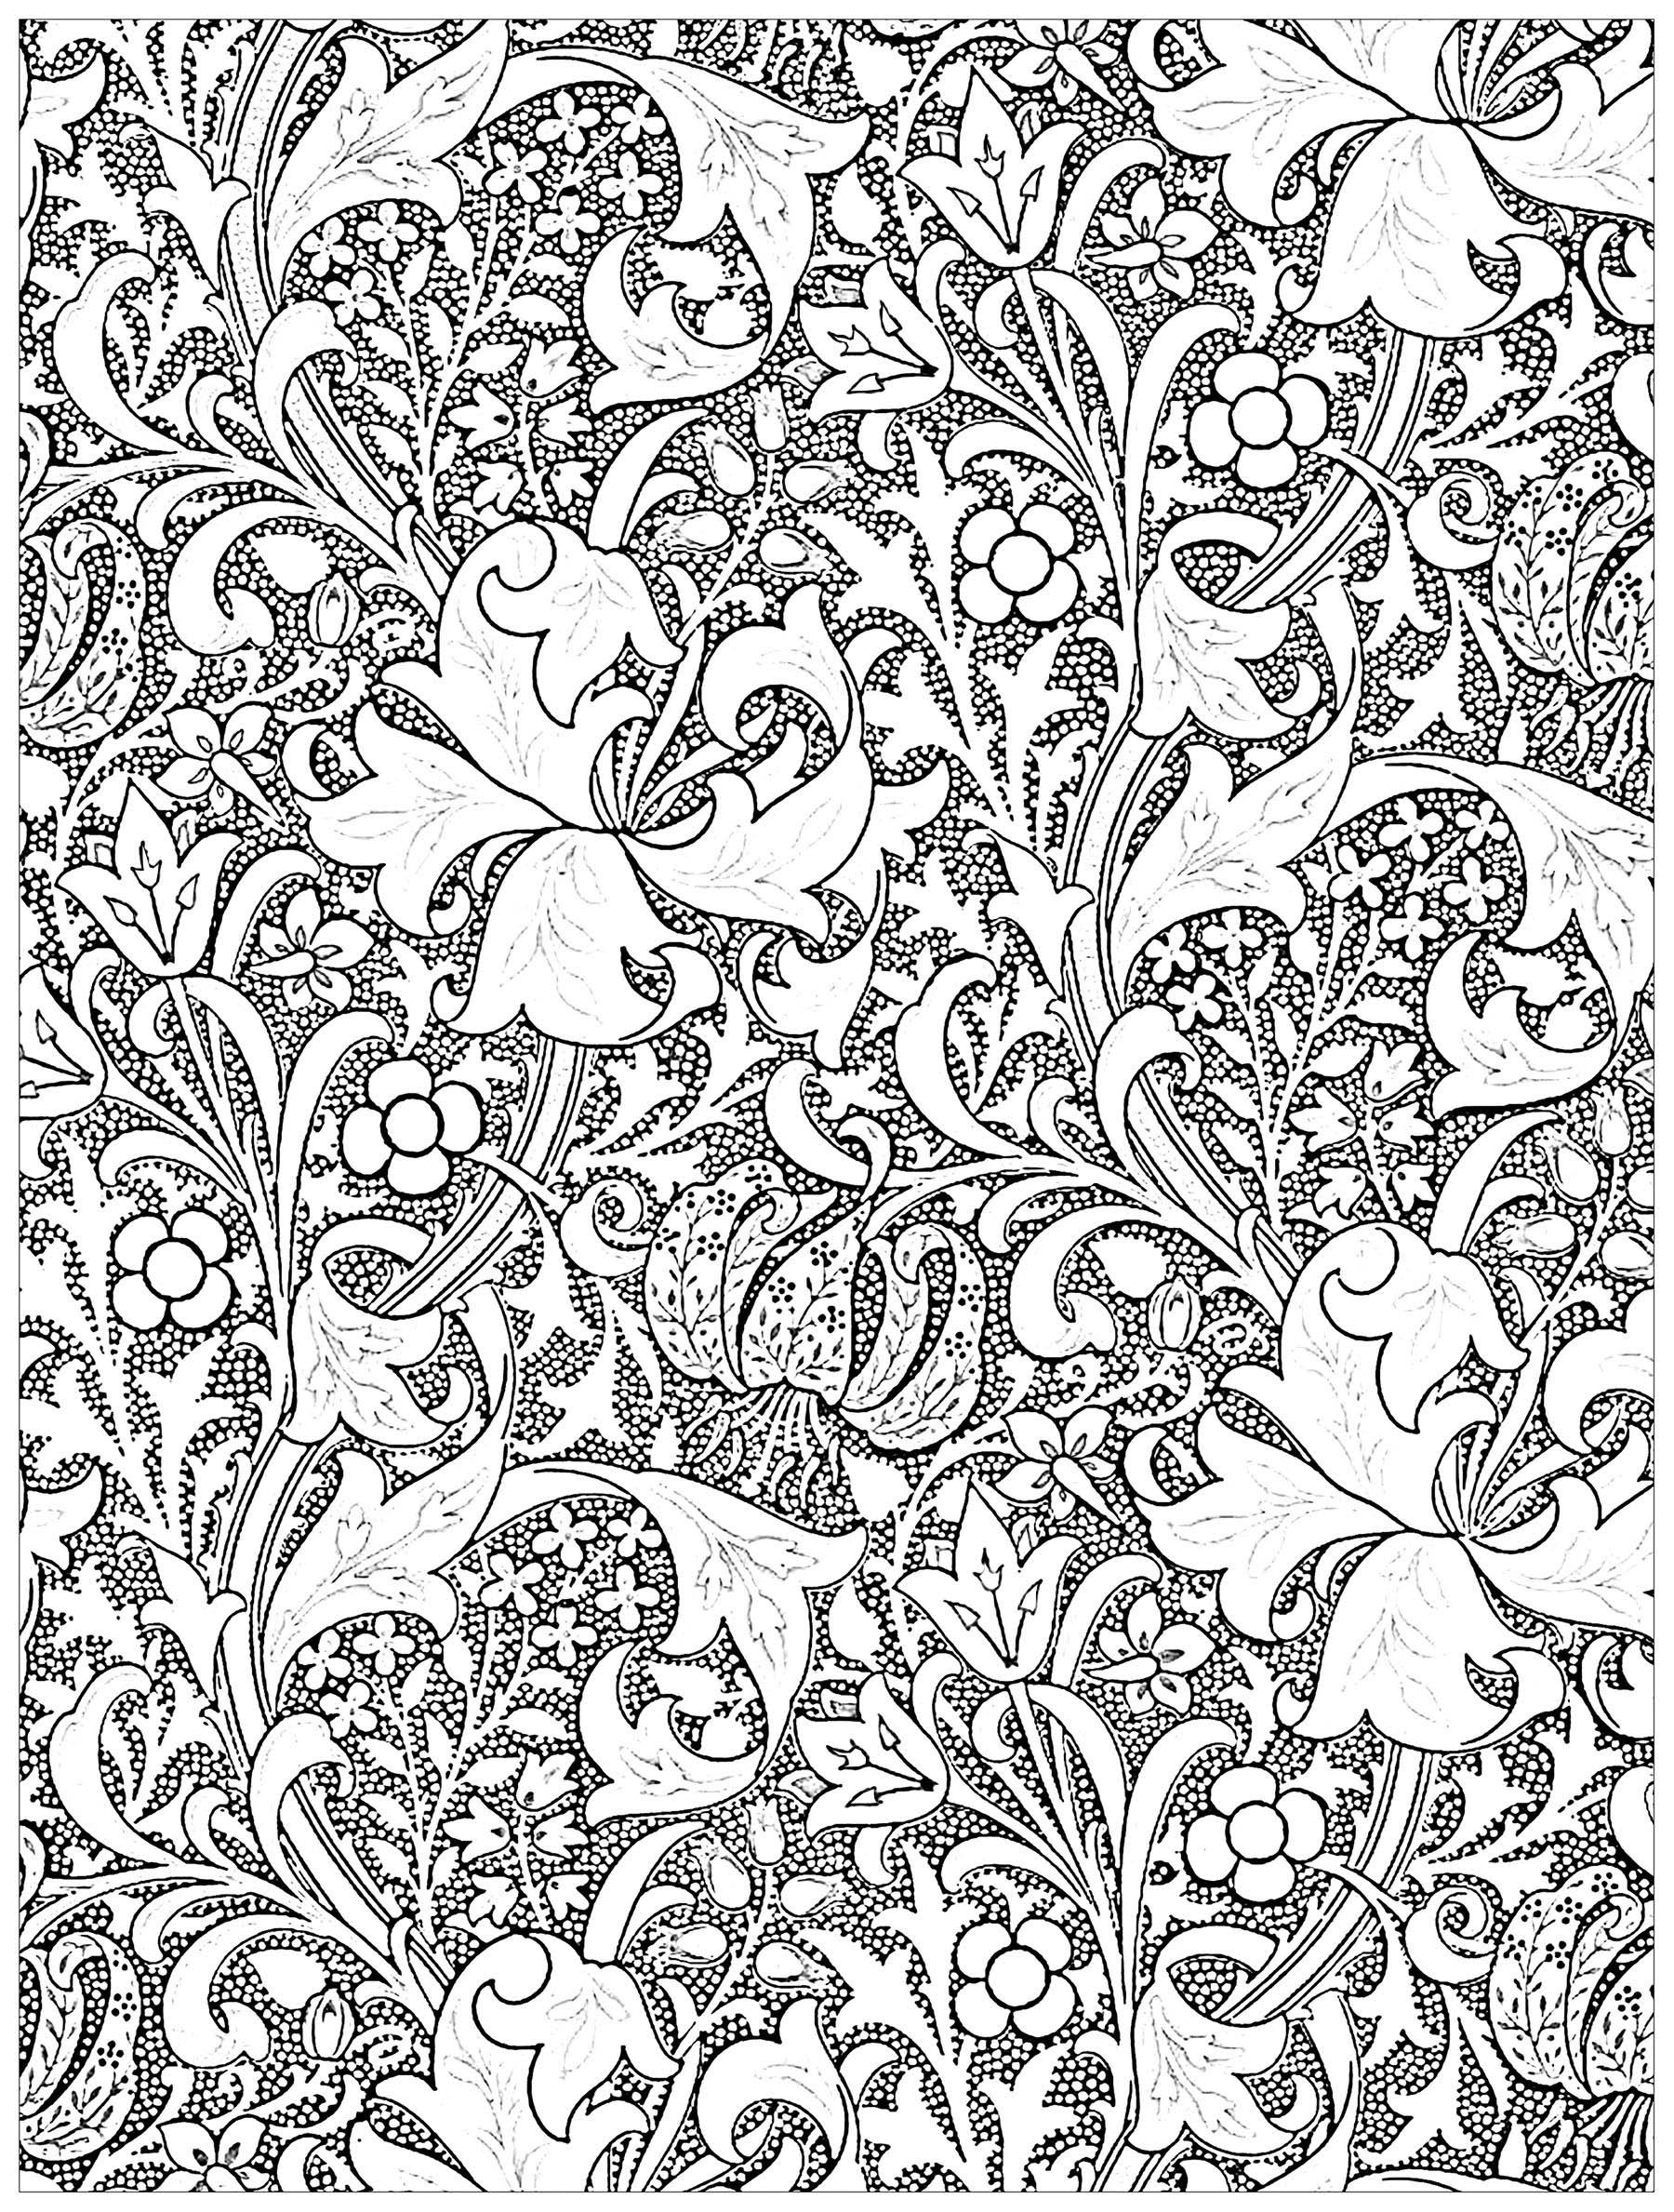 Coloriage exclusif réalisé à partir d'une oeuvre Art Nouveau sur textile de John Henry Dearle : Golden Lily (1899) ... Coloriez ces tiges et tendres lys entrelacés ...